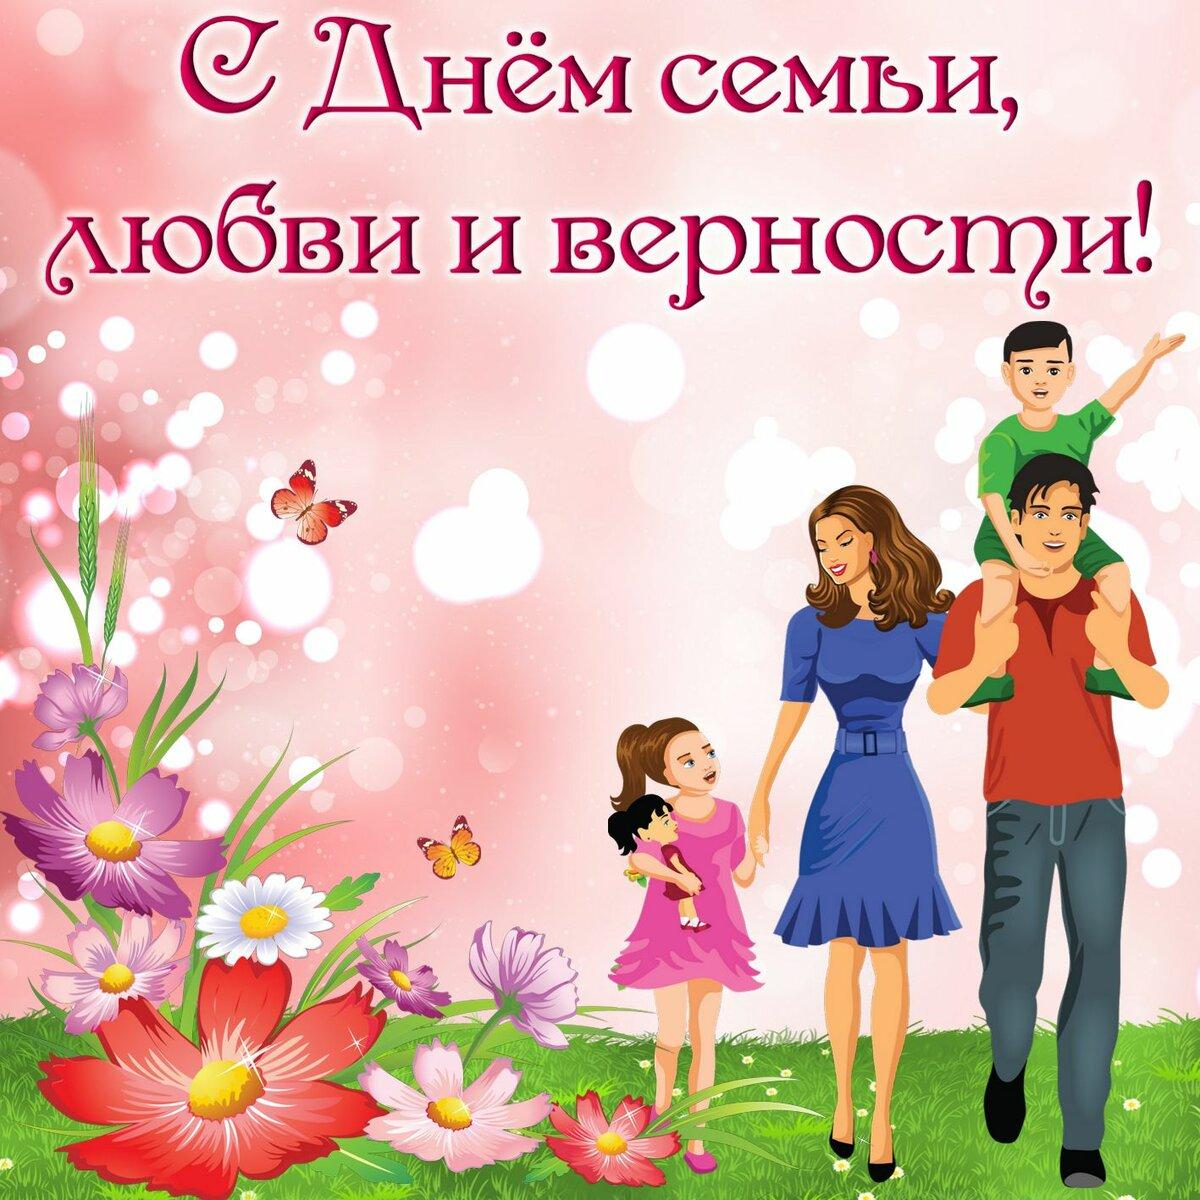 Поздравления к семейным датам